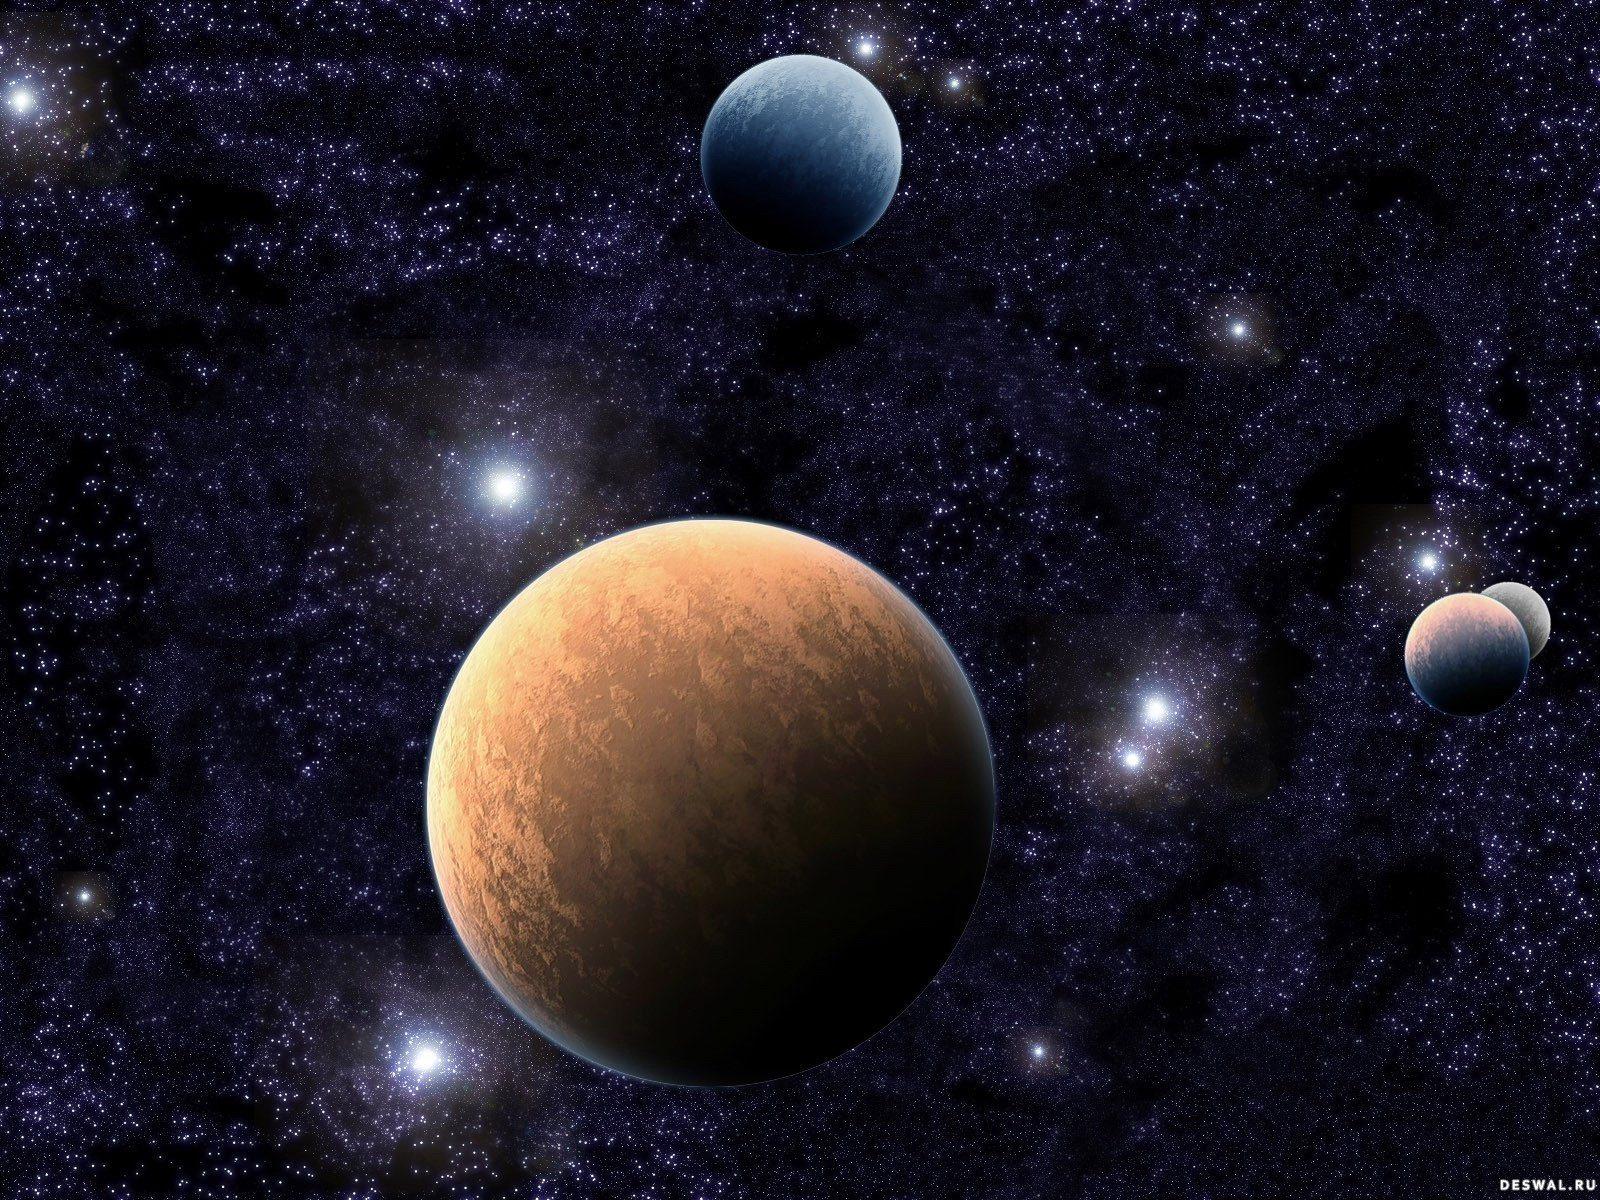 Фото 76.. Нажмите на картинку с обоями космоса, чтобы просмотреть ее в реальном размере